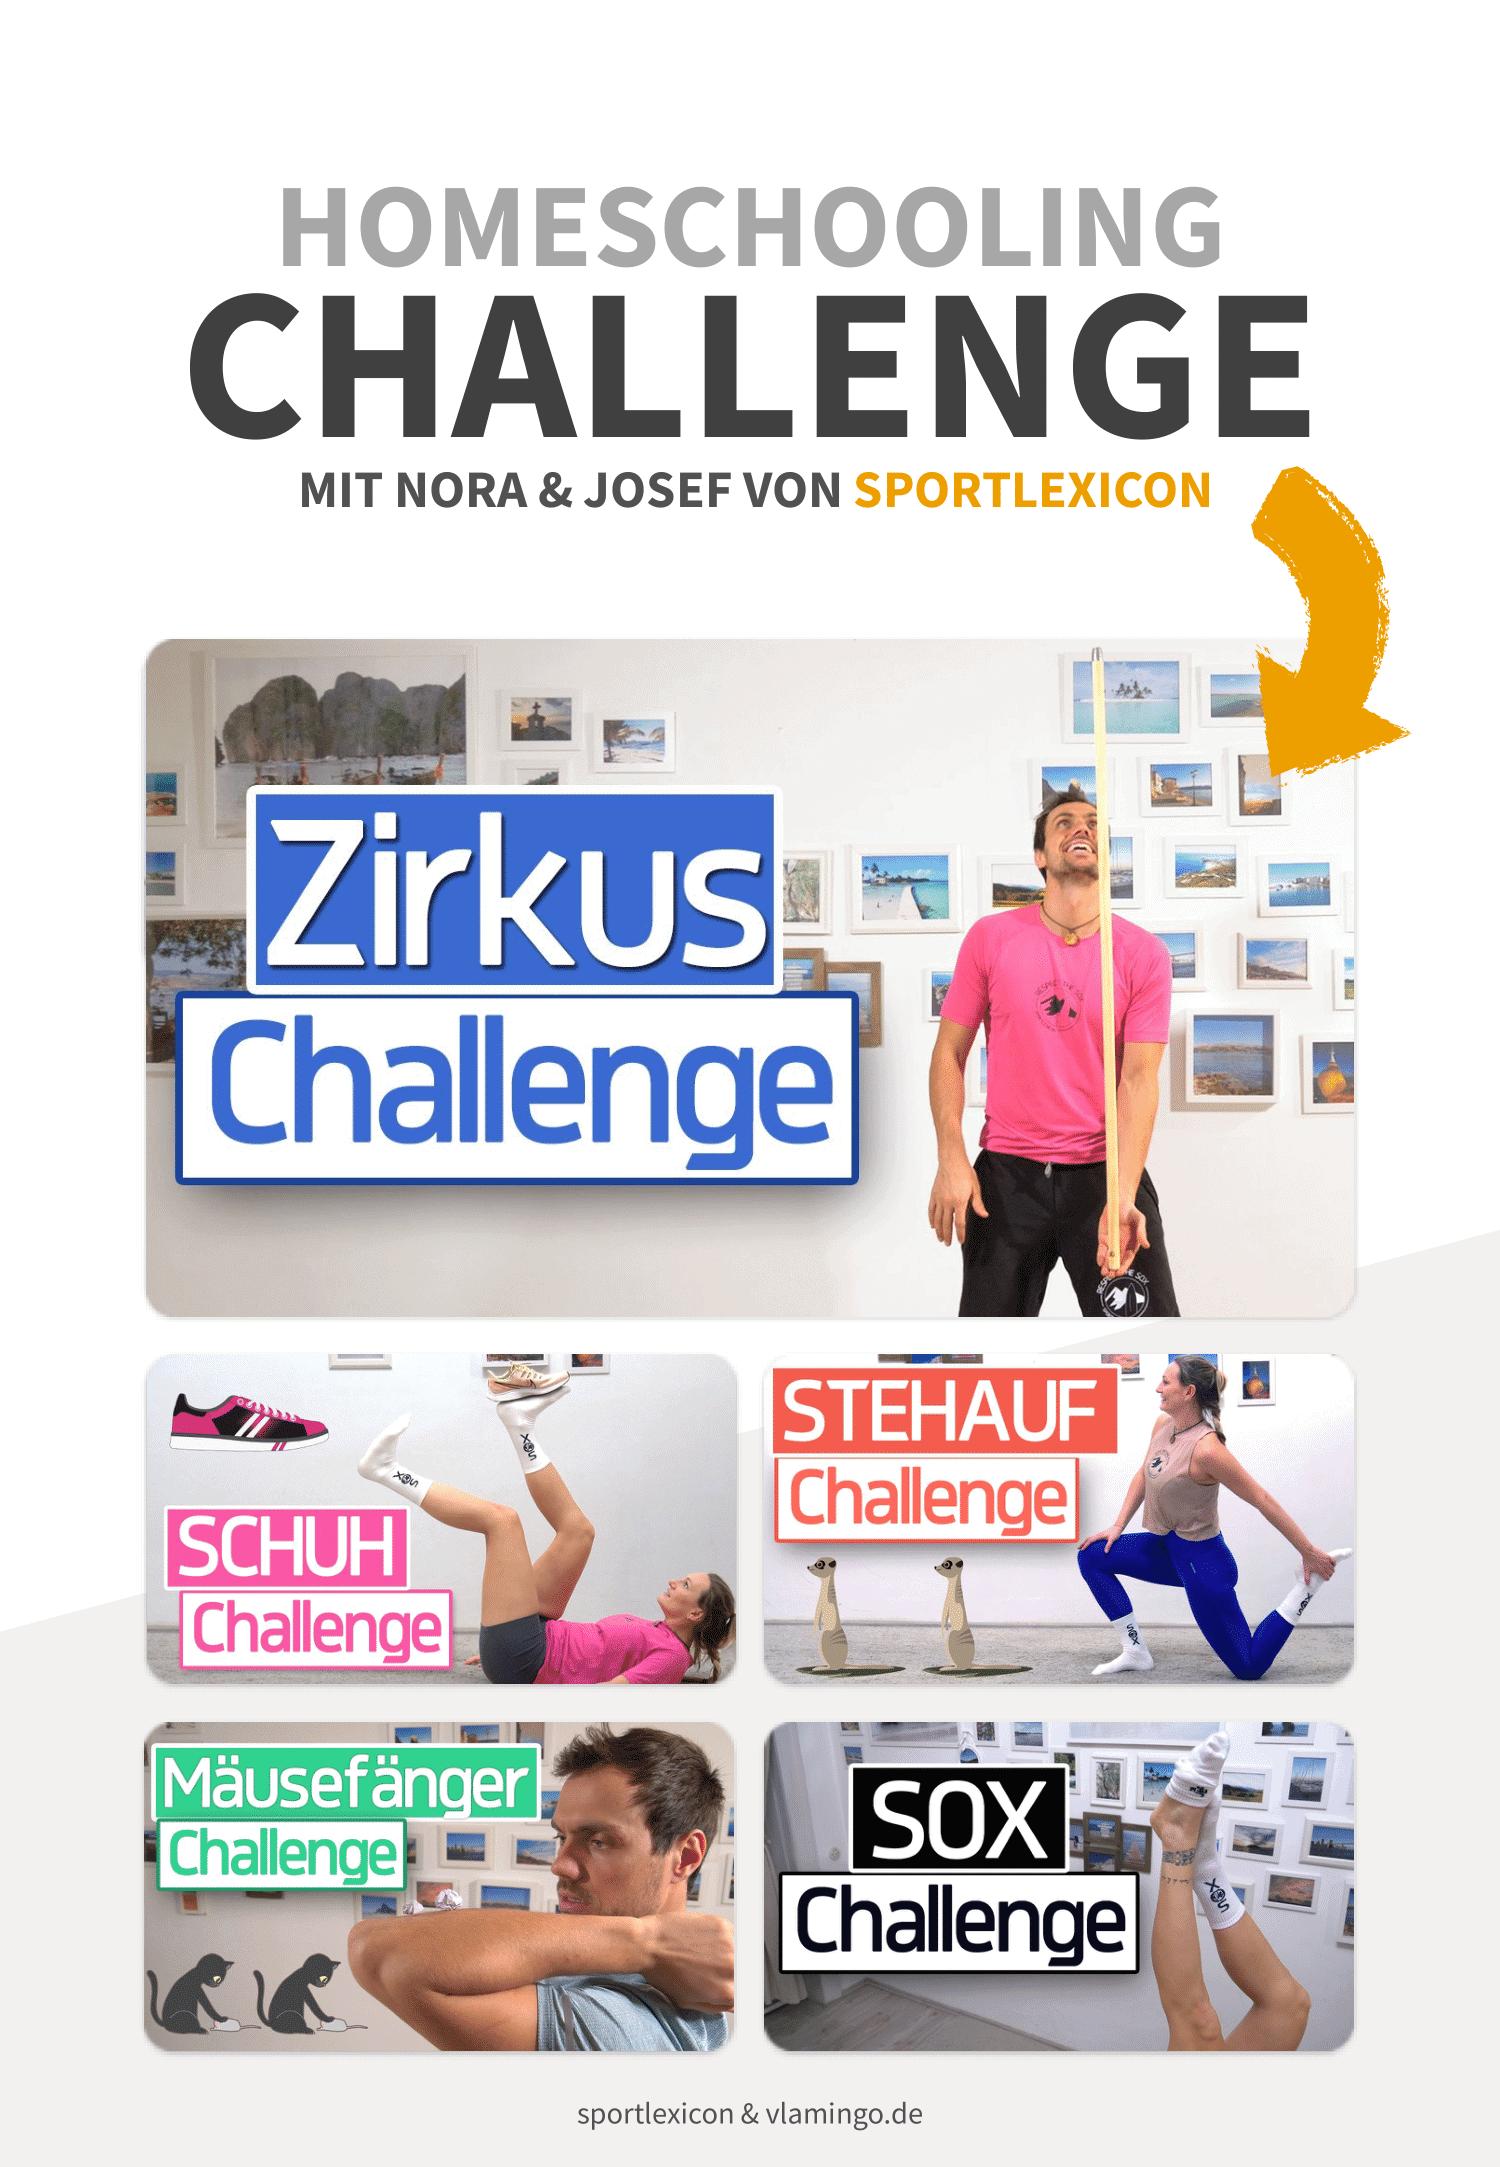 Home-Challenge mit Nora & Josef von sportlexicon